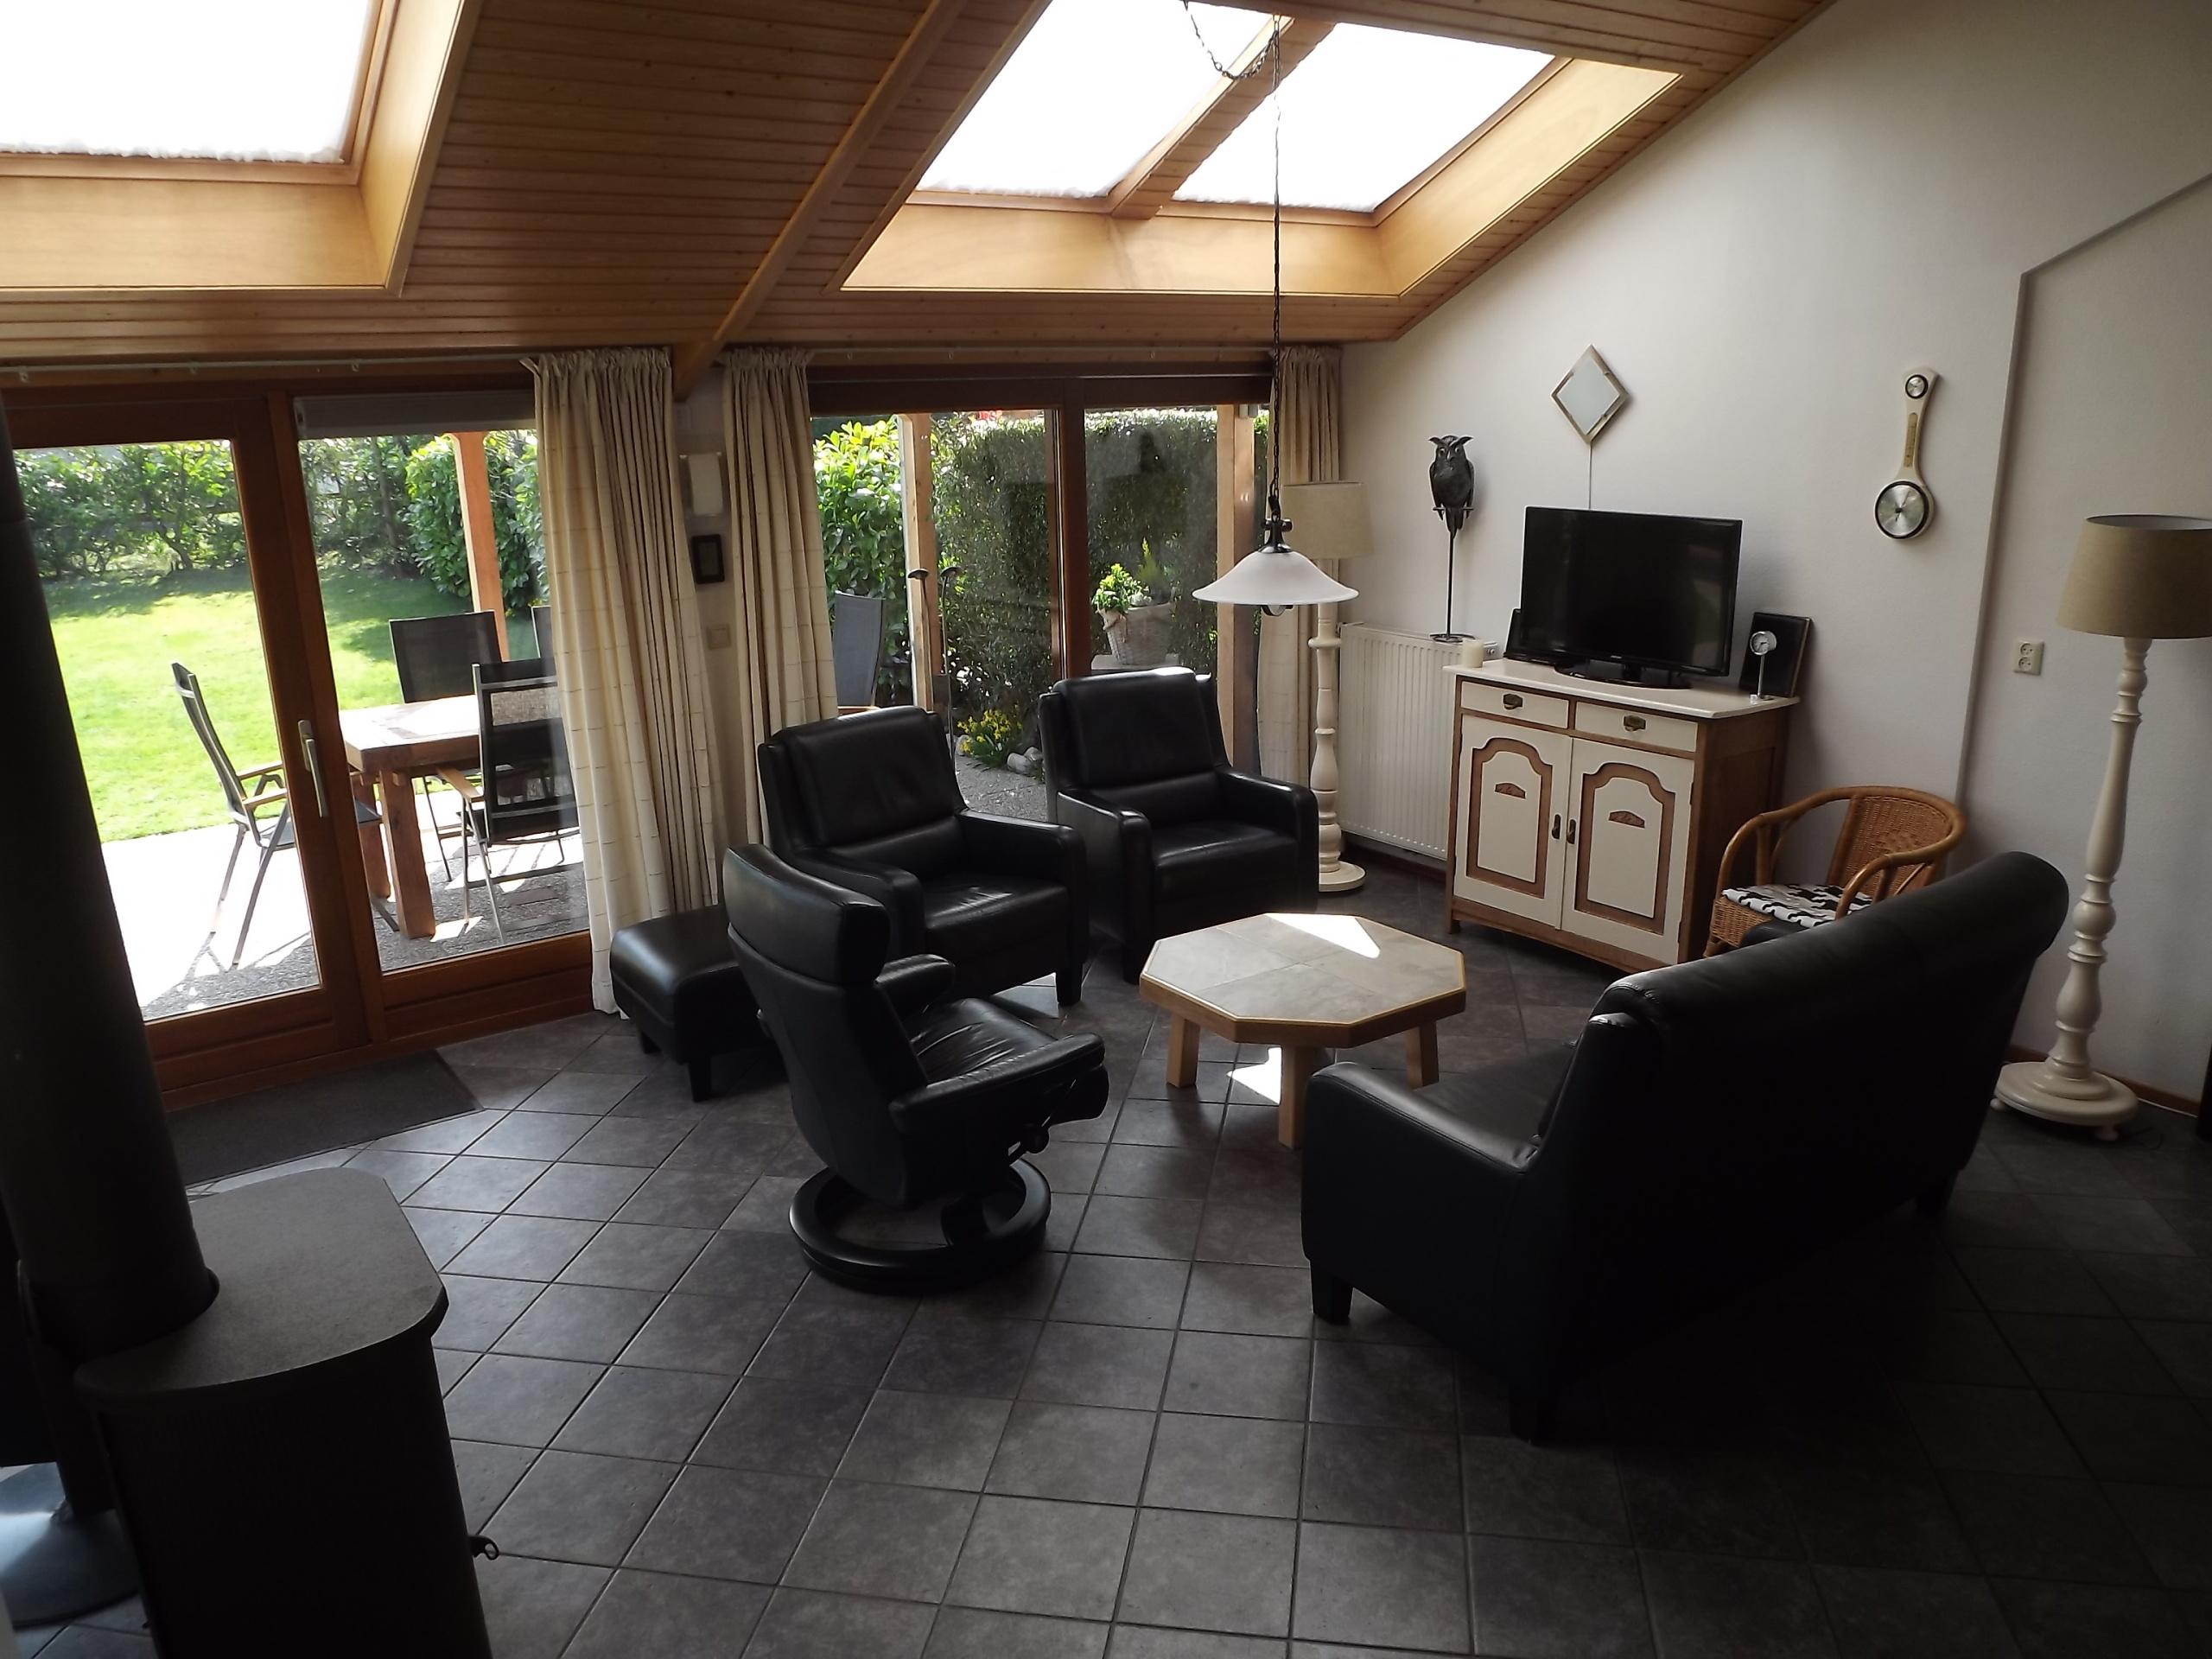 Komfortables großzügiges Ferienhaus in ruhiger Lage im Wald De Dennen